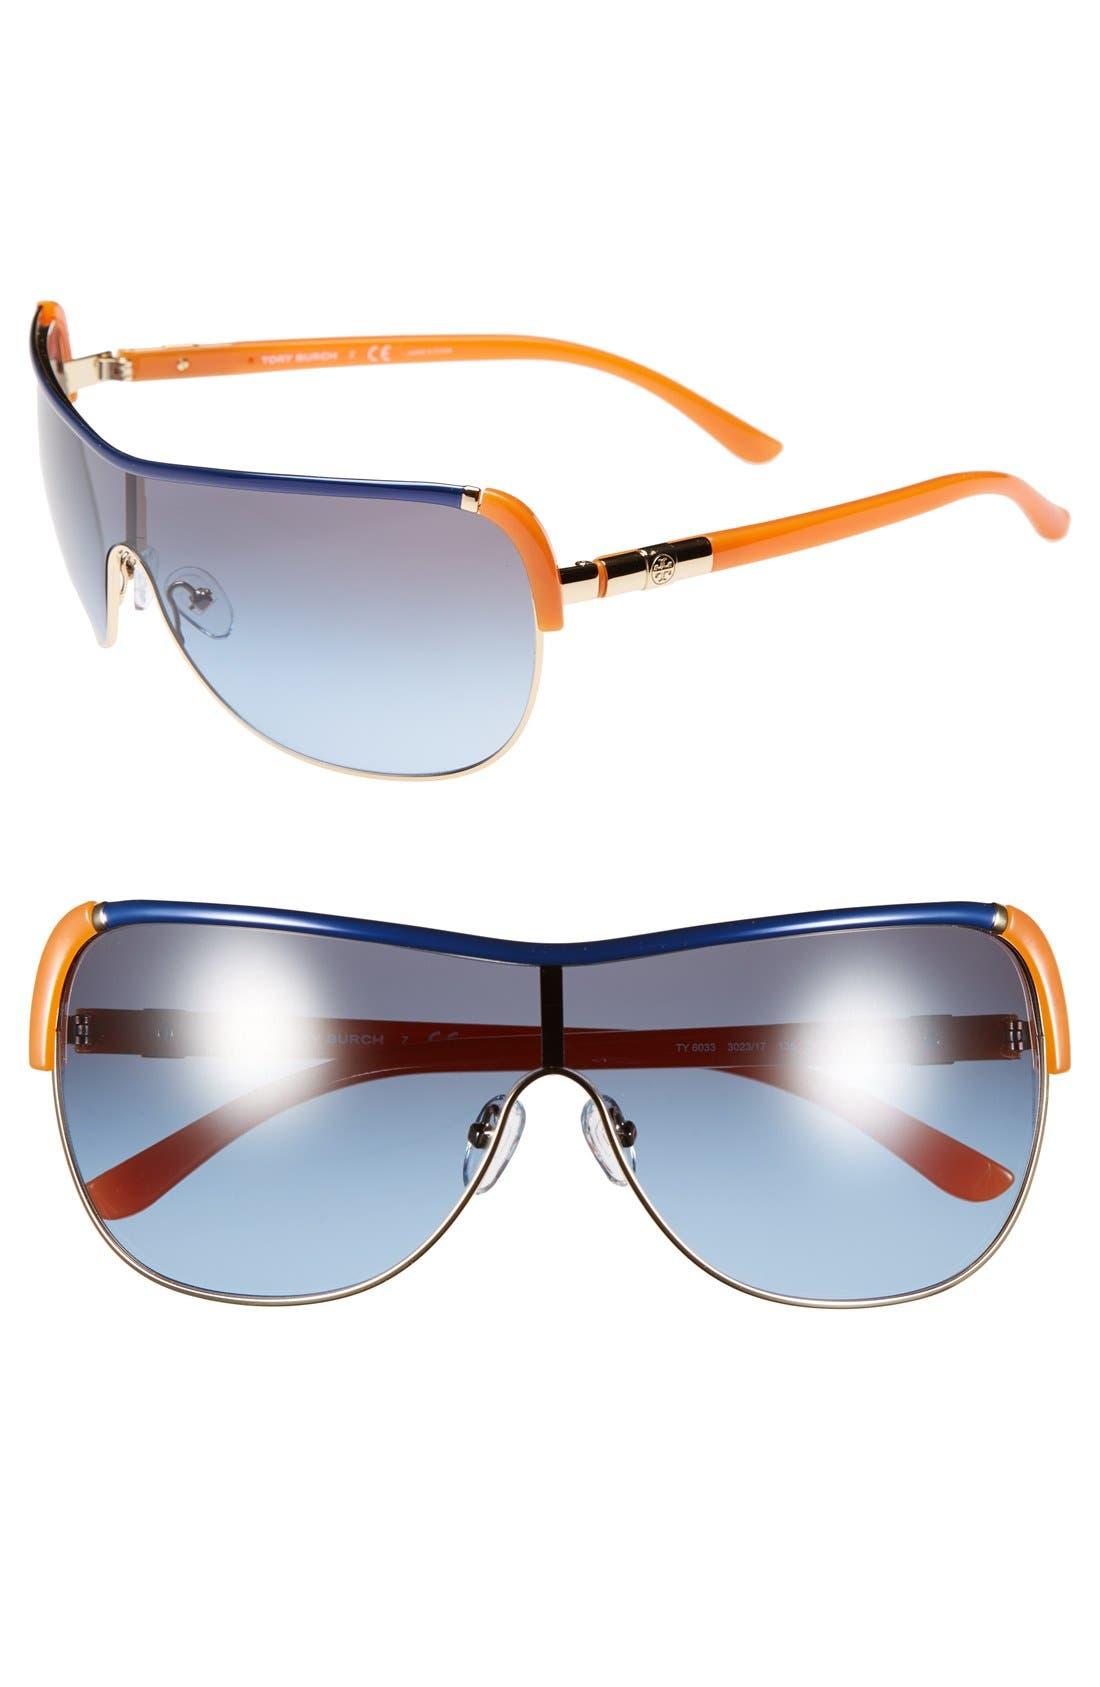 Alternate Image 1 Selected - Tory Burch 'Pilot' 34mm Metal Wrap Sunglasses